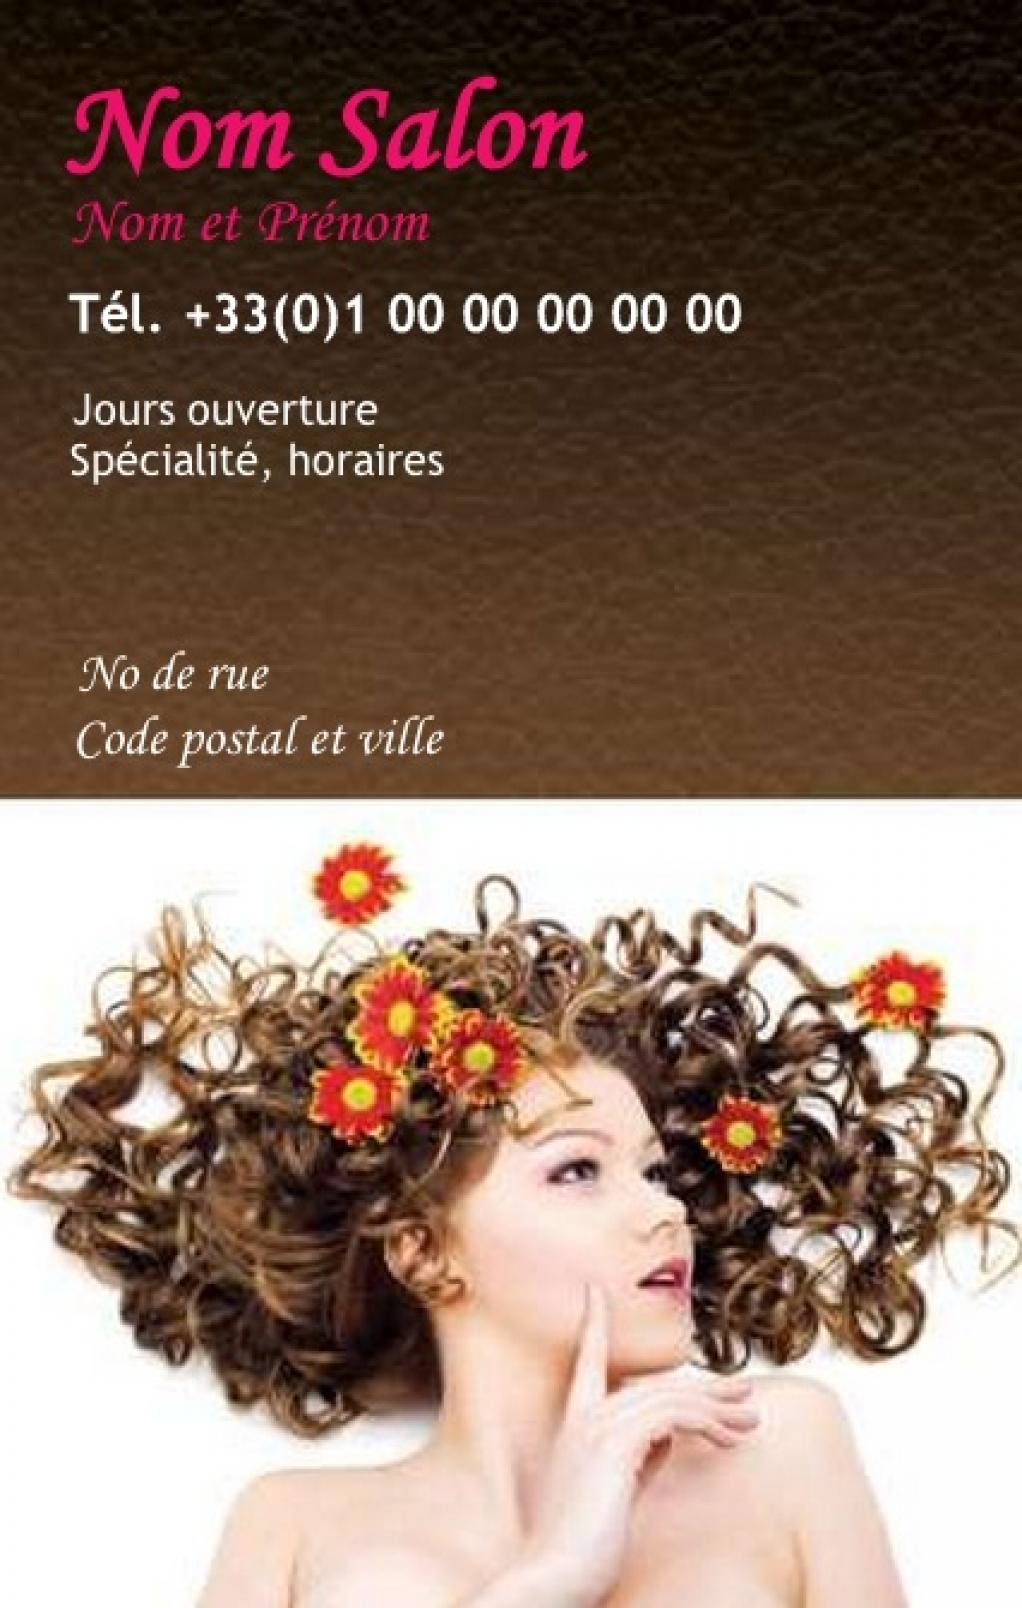 Coiffure A Domicile Carte De Visite Fleurie Modele Gratuit Personnaliser En Ligne Avec Impression Pas Chere Ou Telechargement